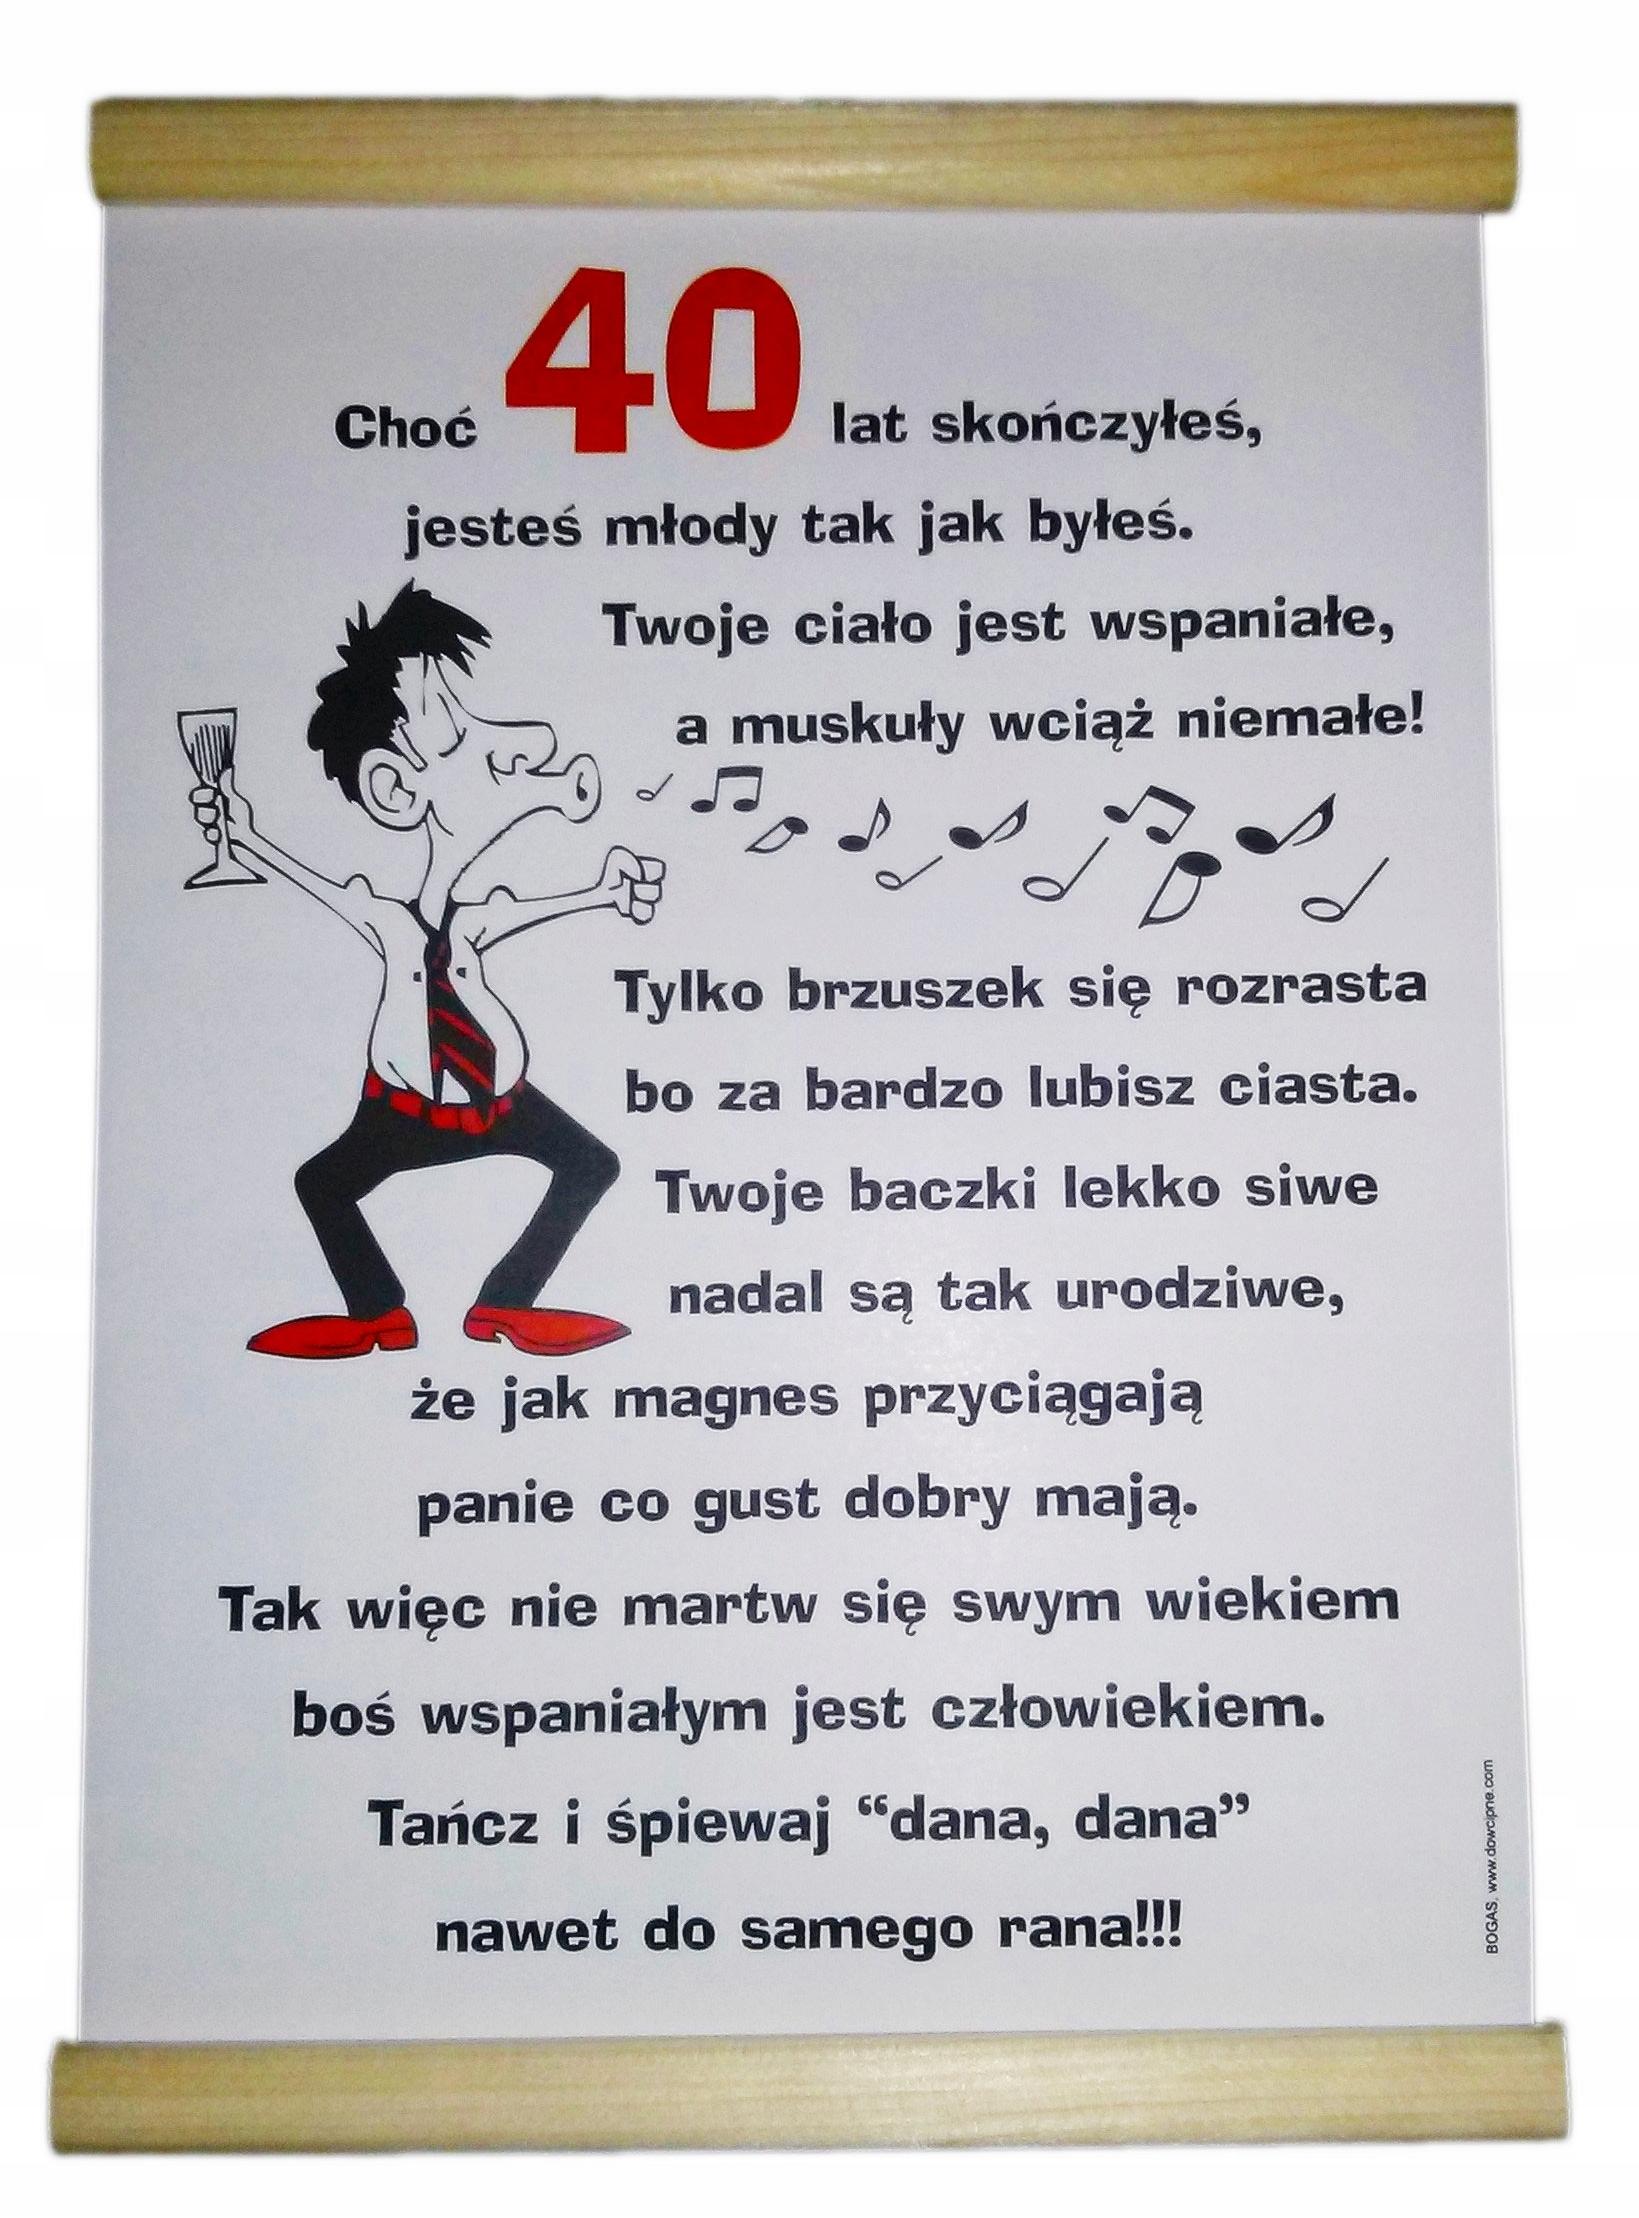 Dyplom Na 40 Urodziny Dla Mężczyzny Faceta 40stka